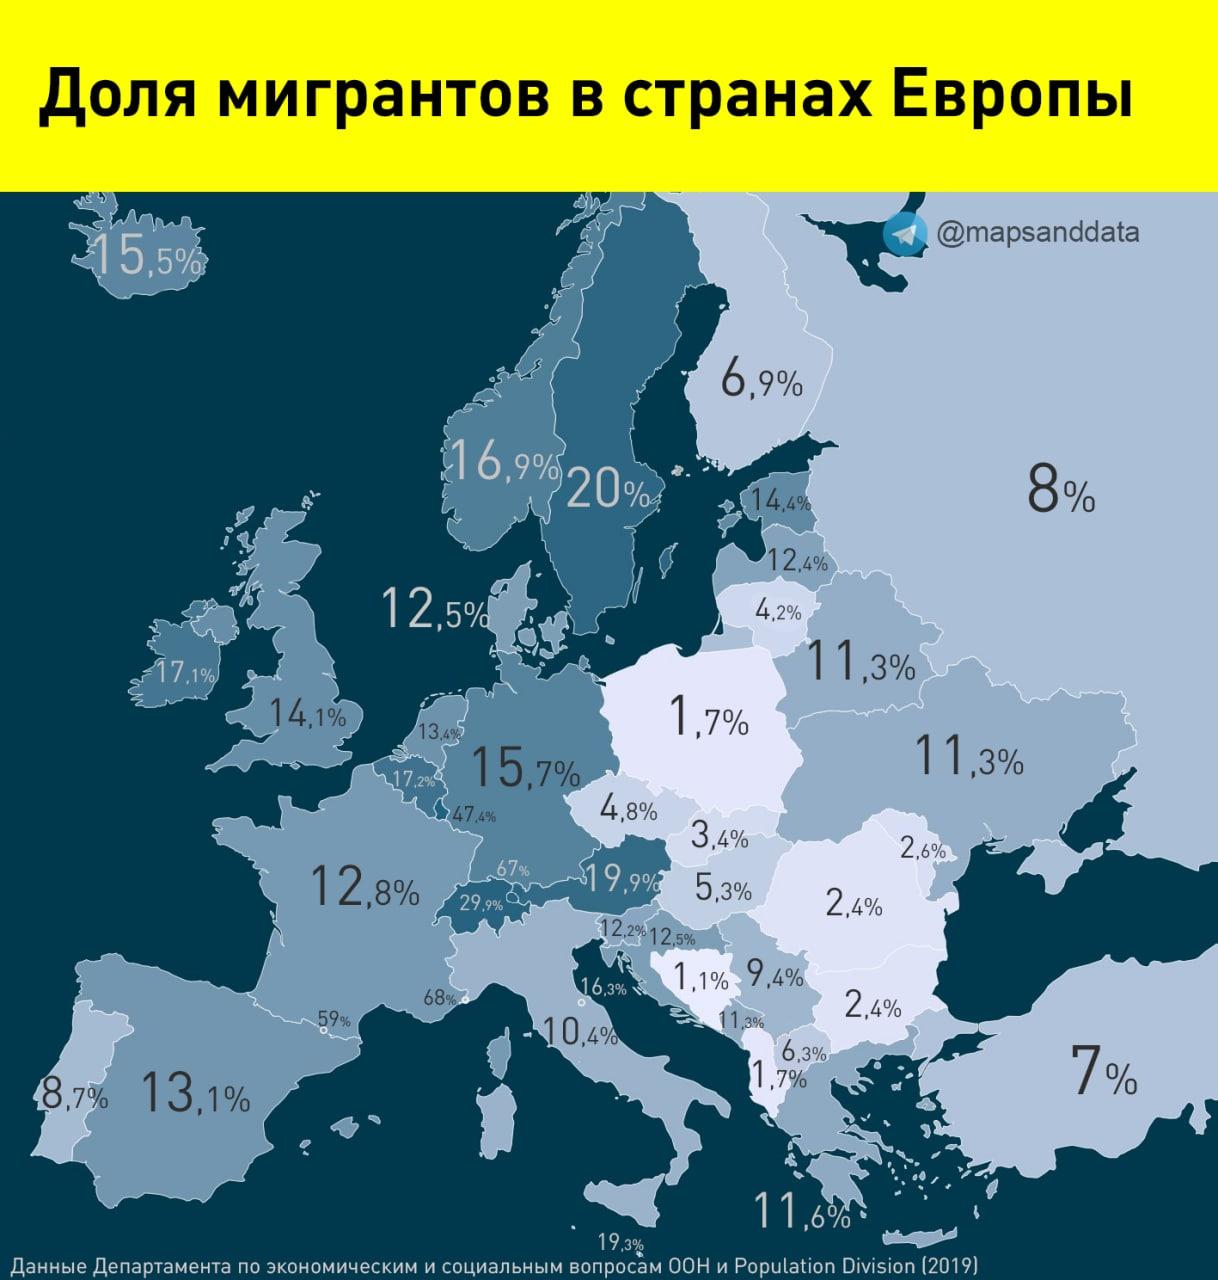 Какую долю населения Европы составляют мигранты